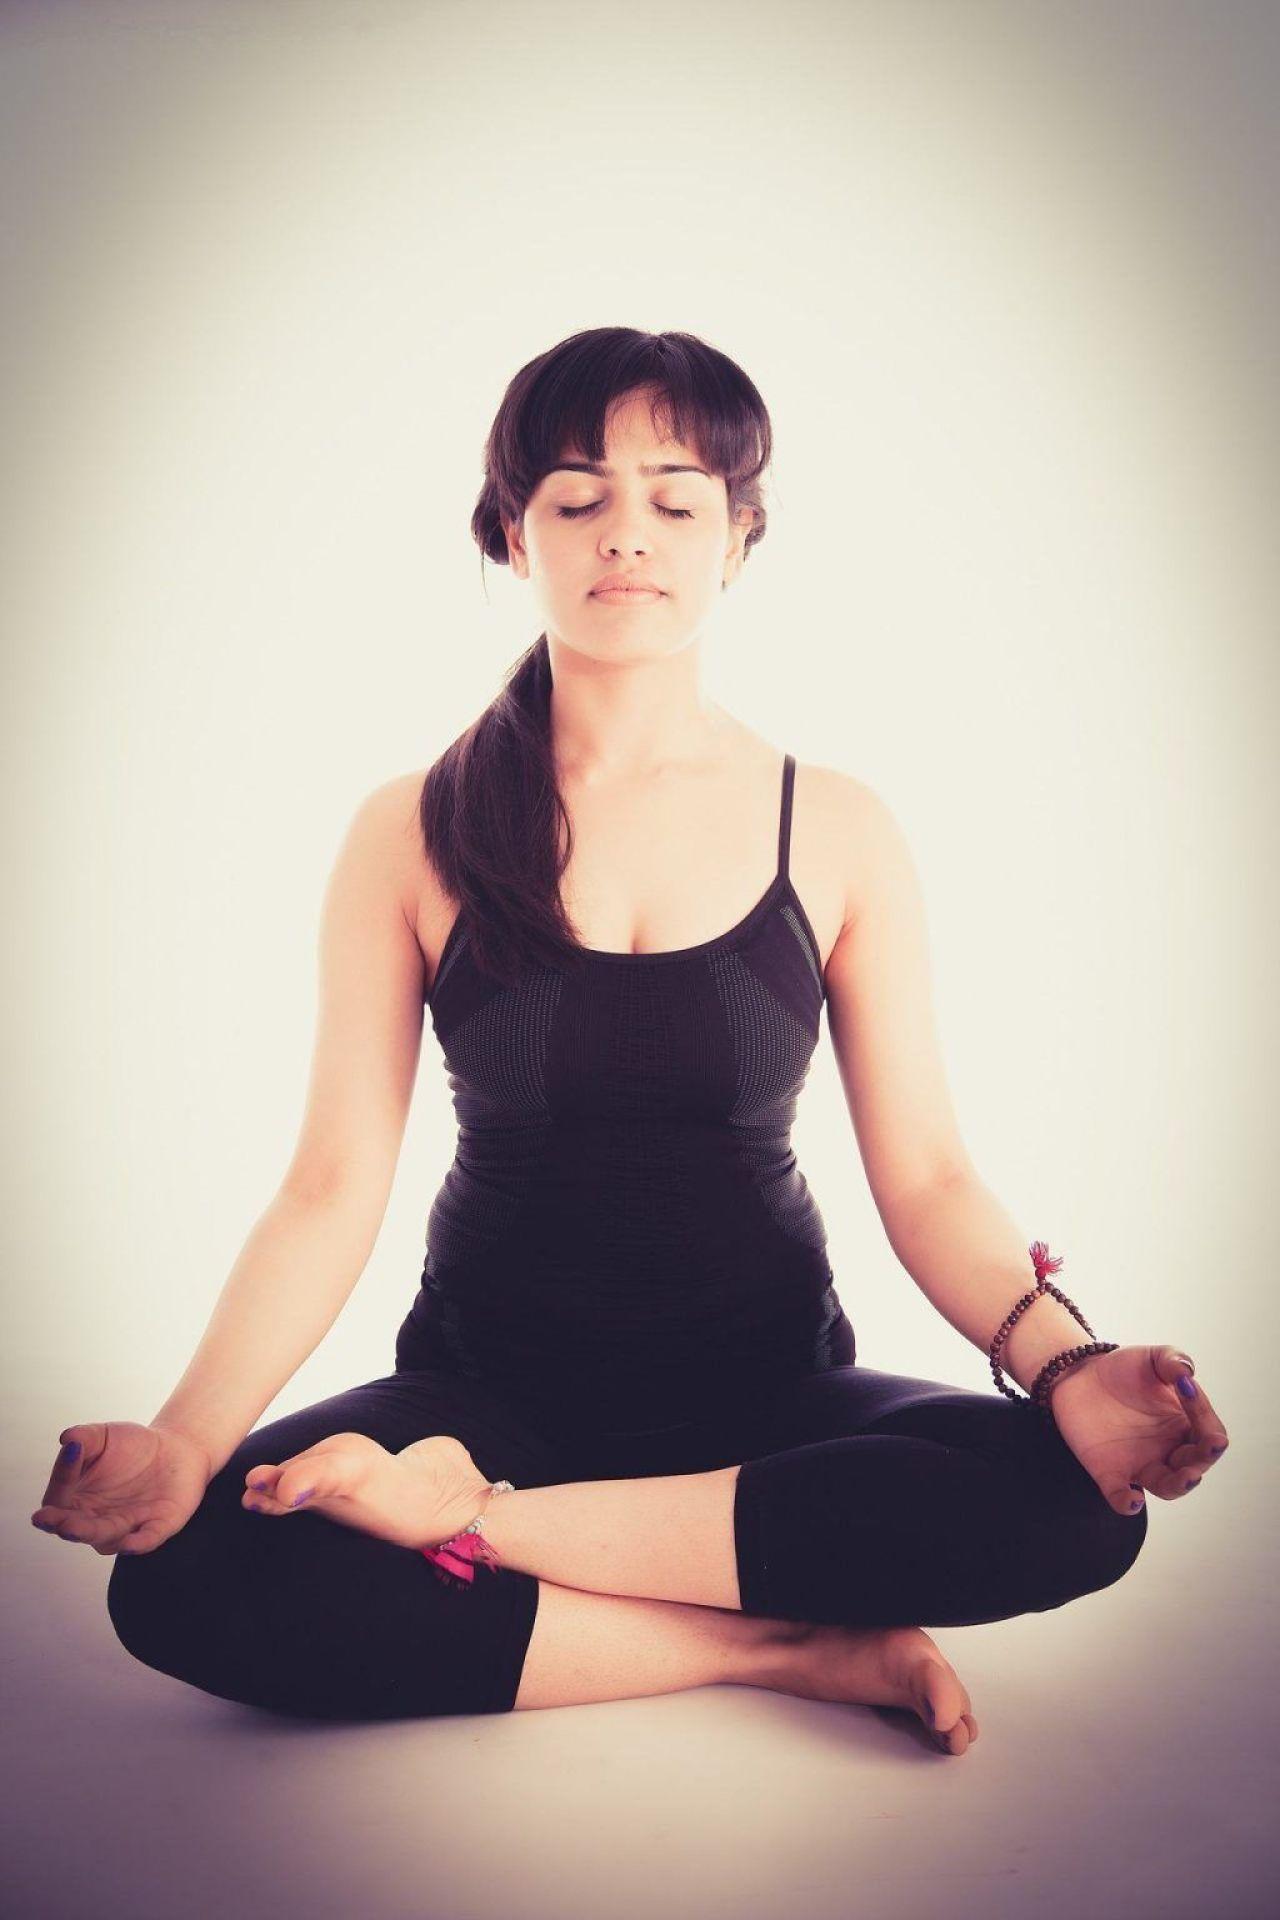 Mujer meditando - Programa MBSR Mindfulness